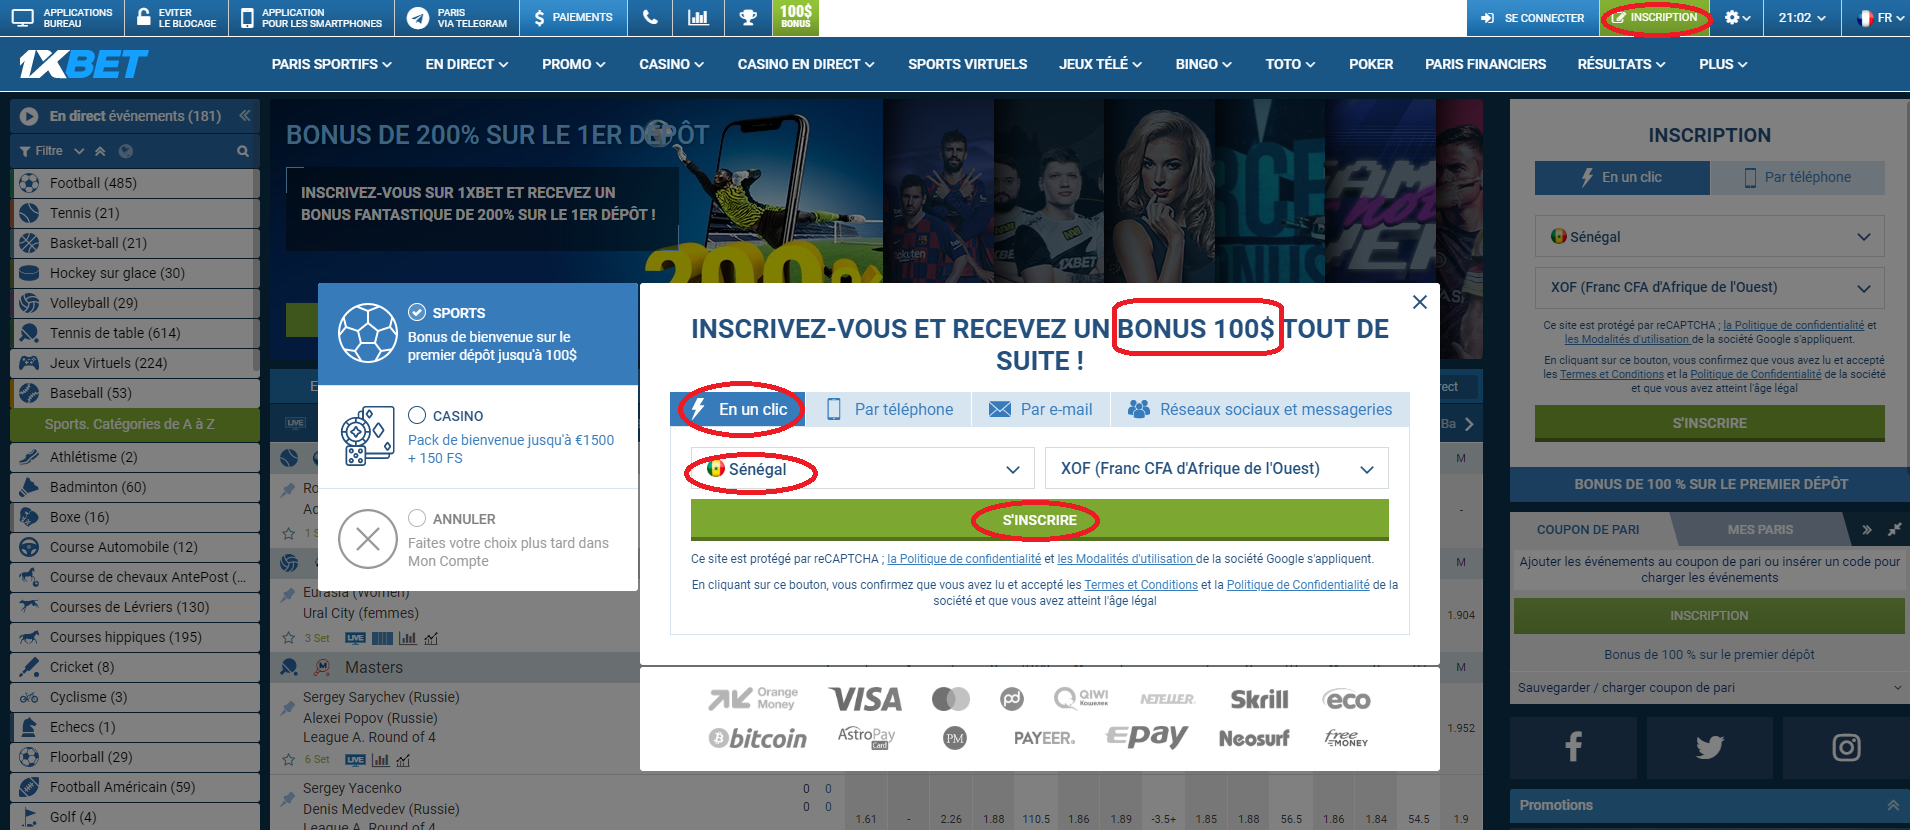 1xBet Sénégal bookmaker en ligne